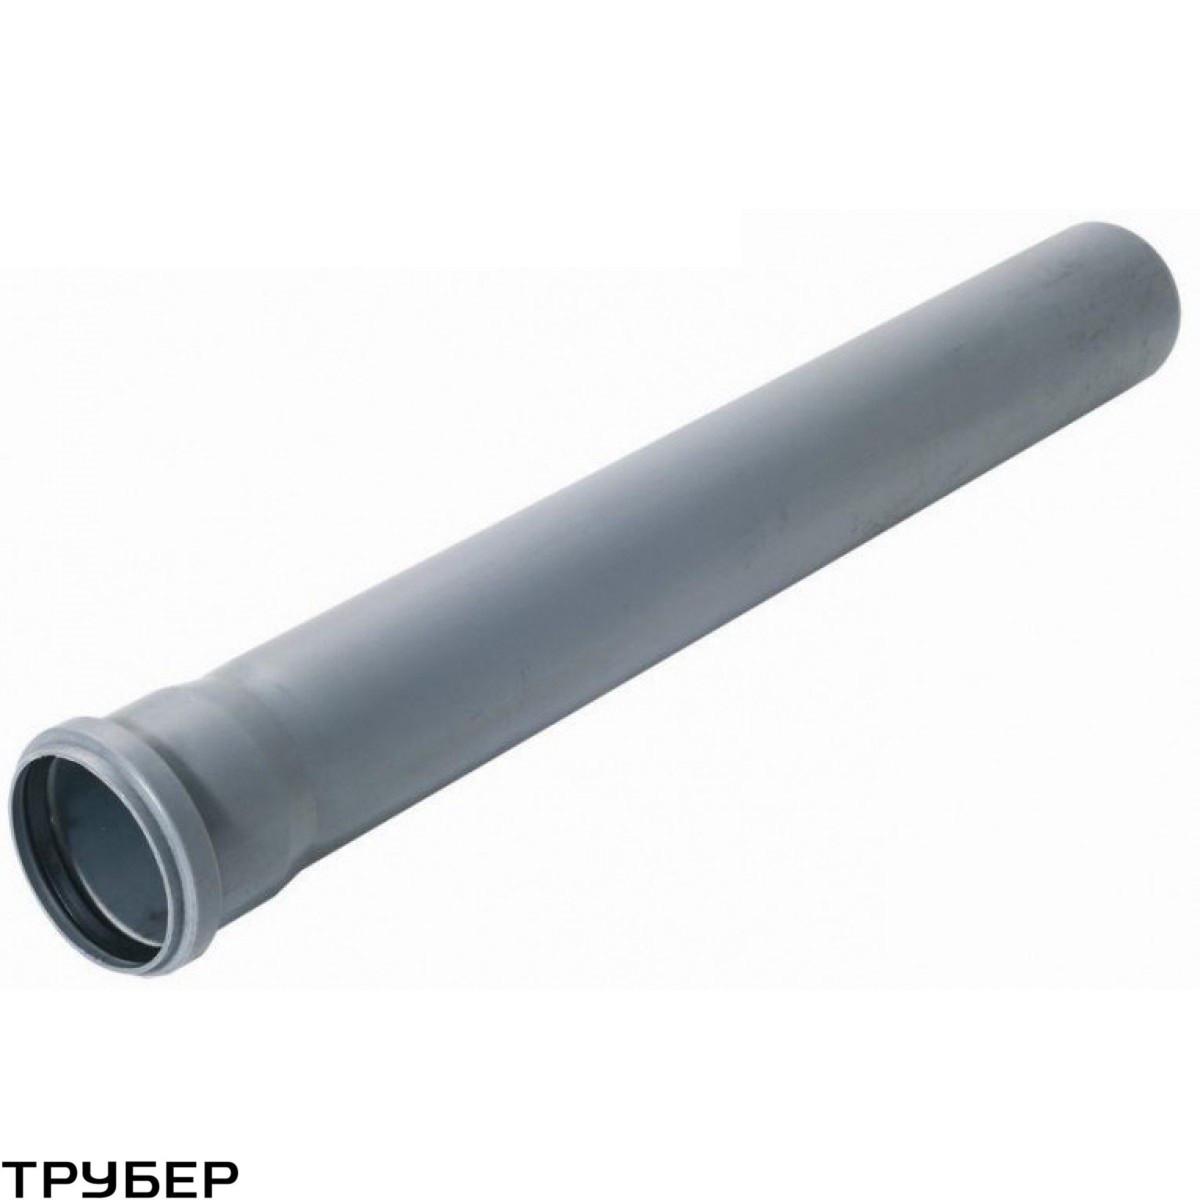 Труба ПП 110*500 3-х шаровая для внутренней канализации Инсталпласт